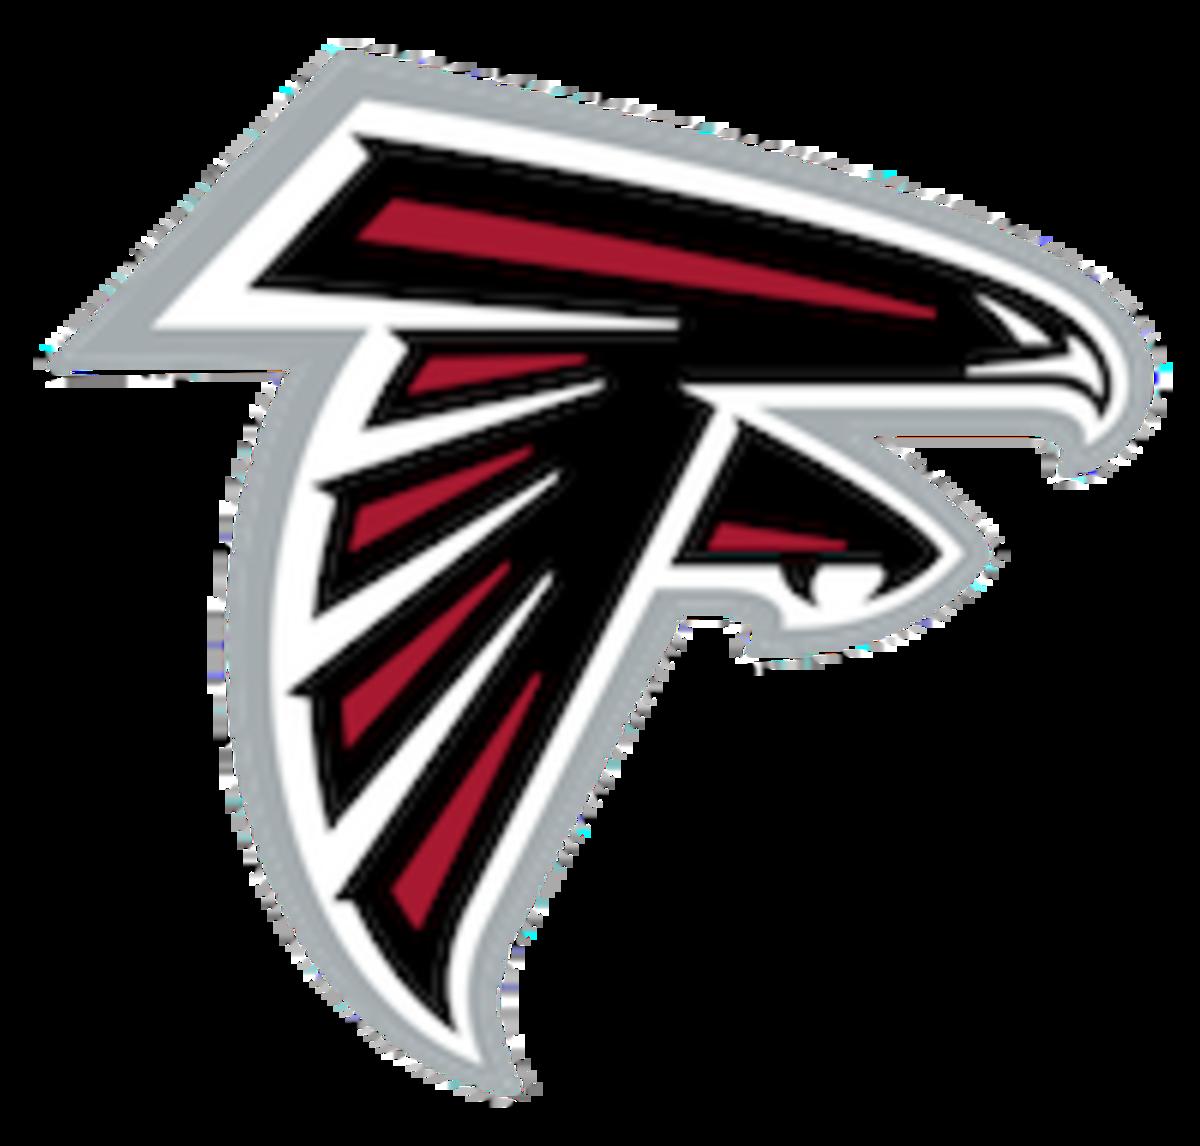 atlanta-falcons-logo-transparent